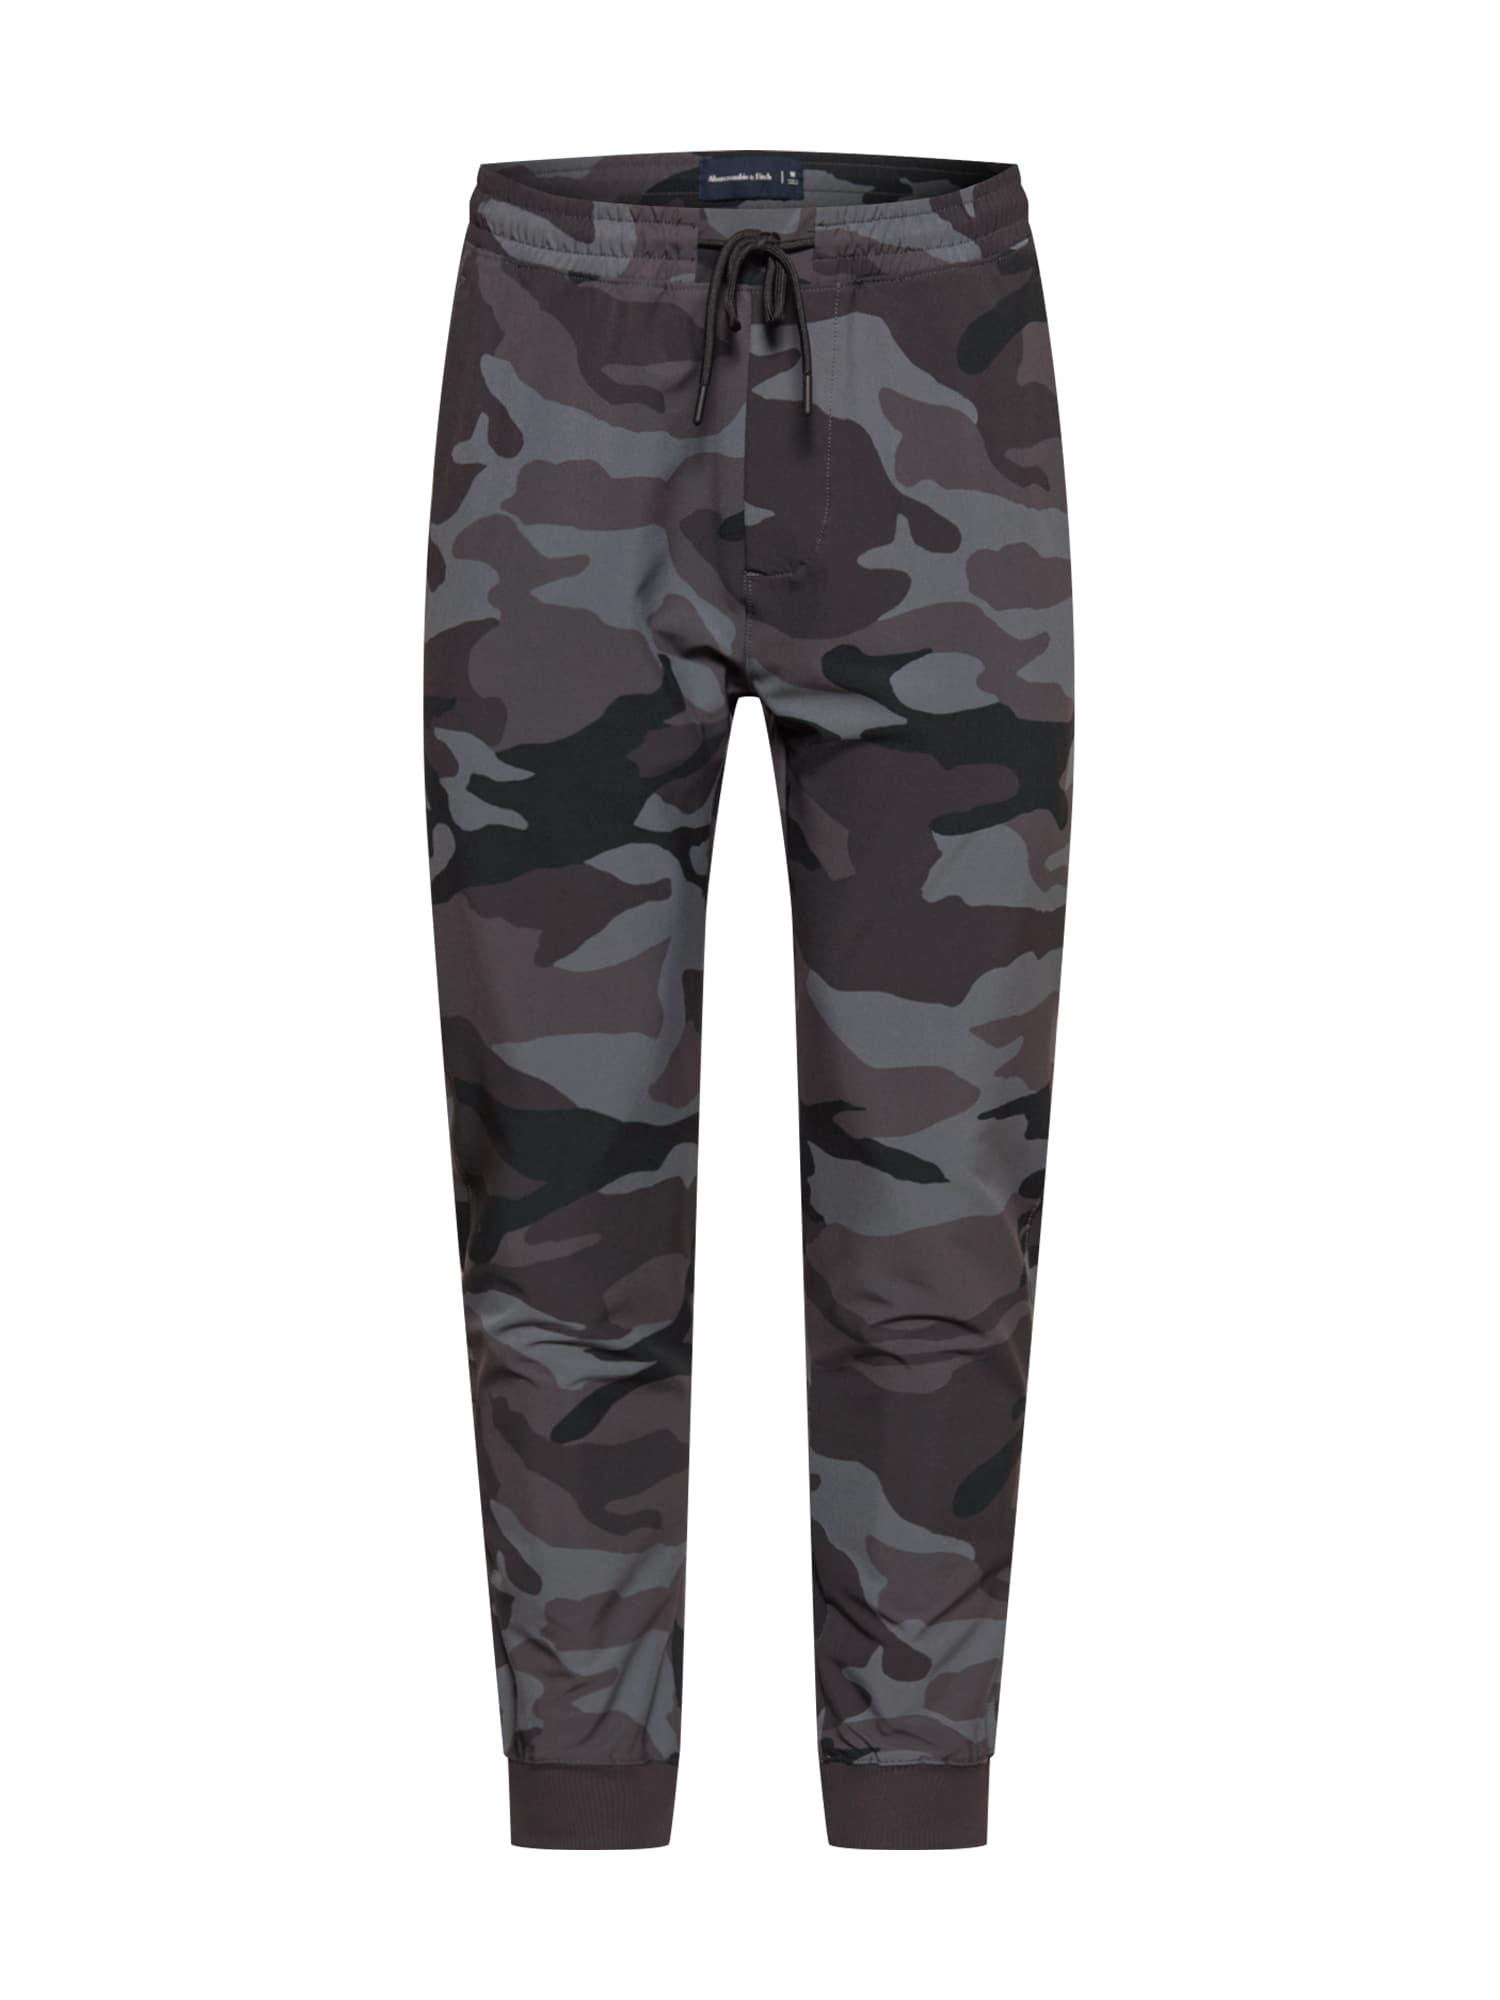 Abercrombie & Fitch Kelnės juoda / pilka / ruda / tamsiai ruda